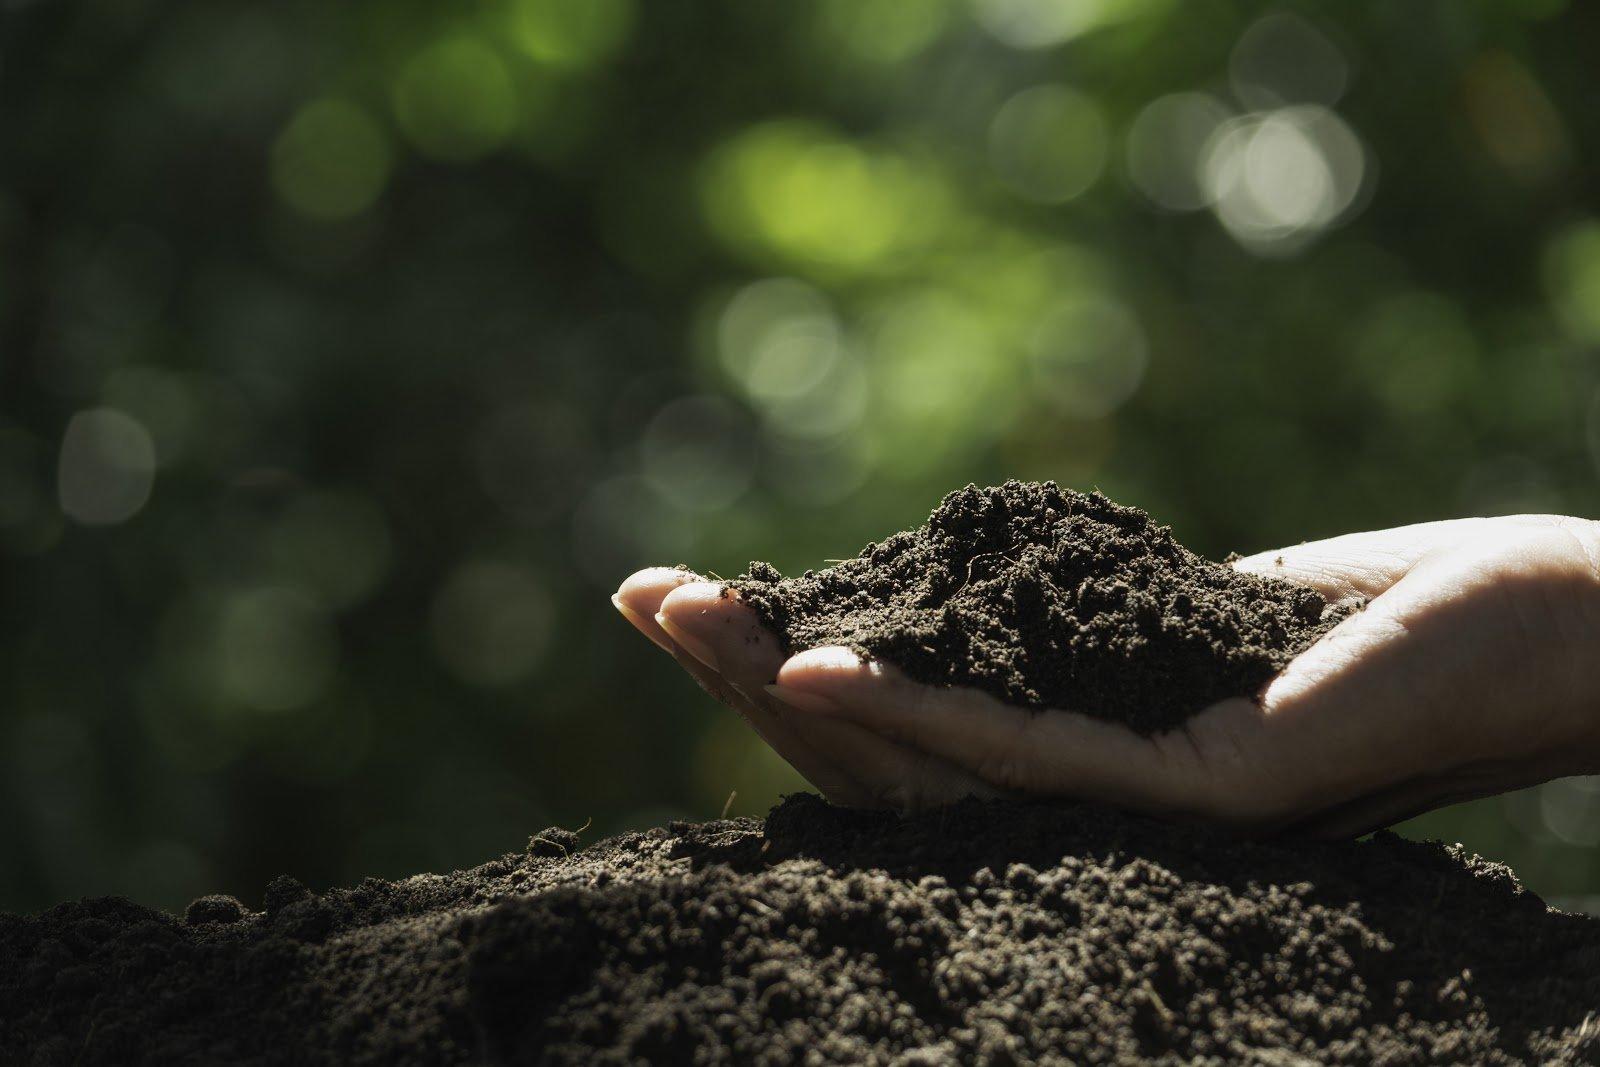 Soil-based probiotics: Hand holding soil